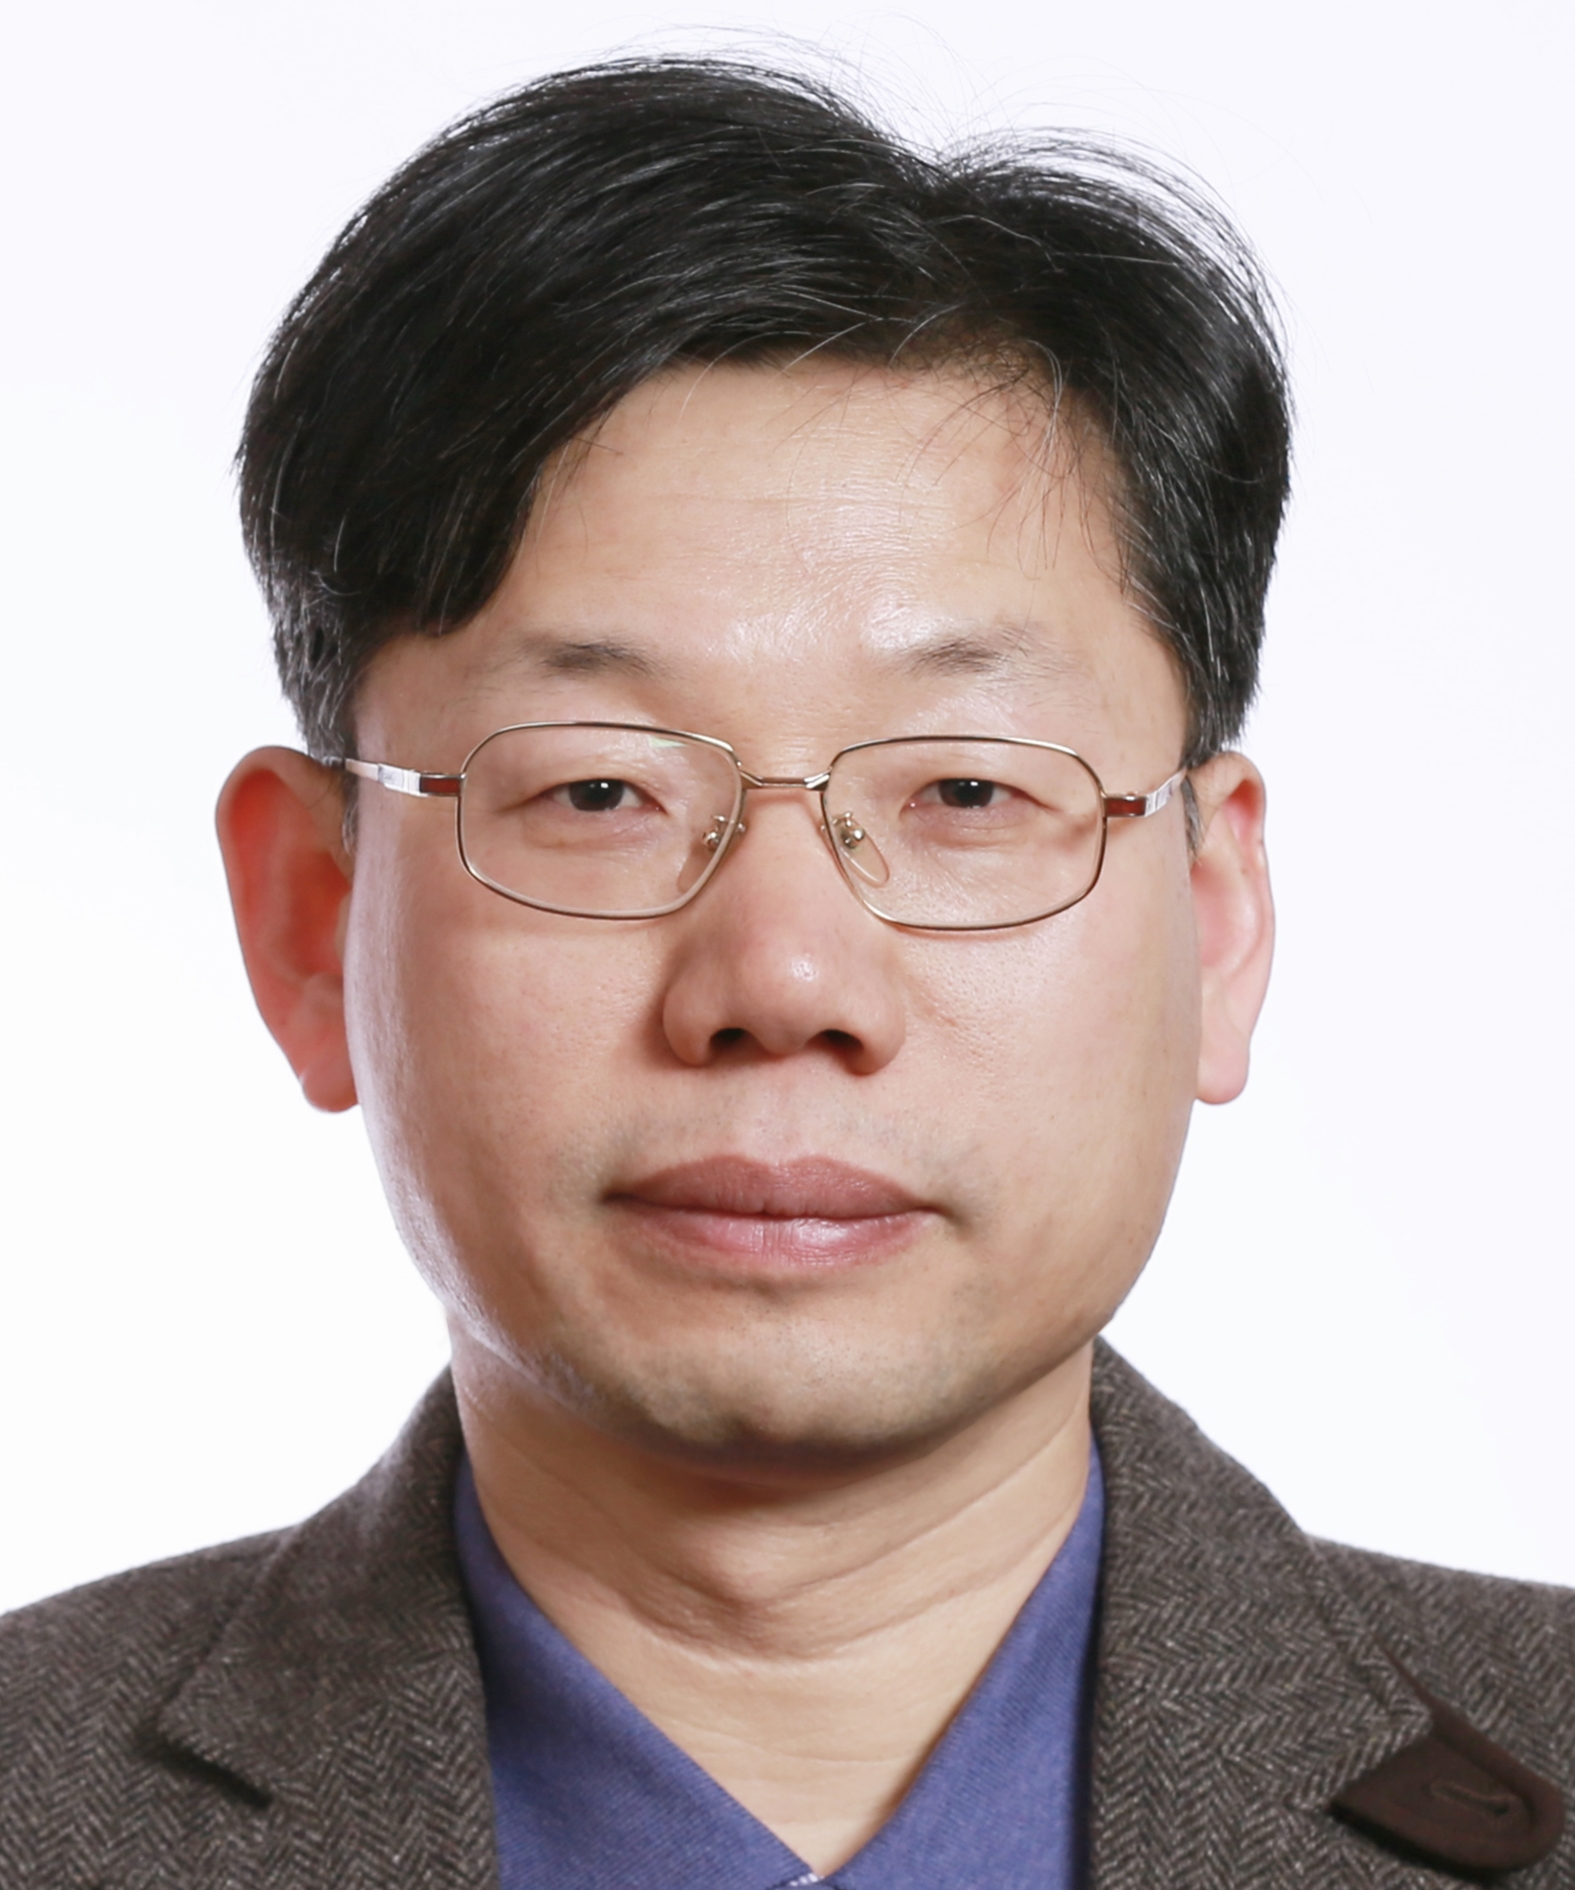 이석인 교수 사진